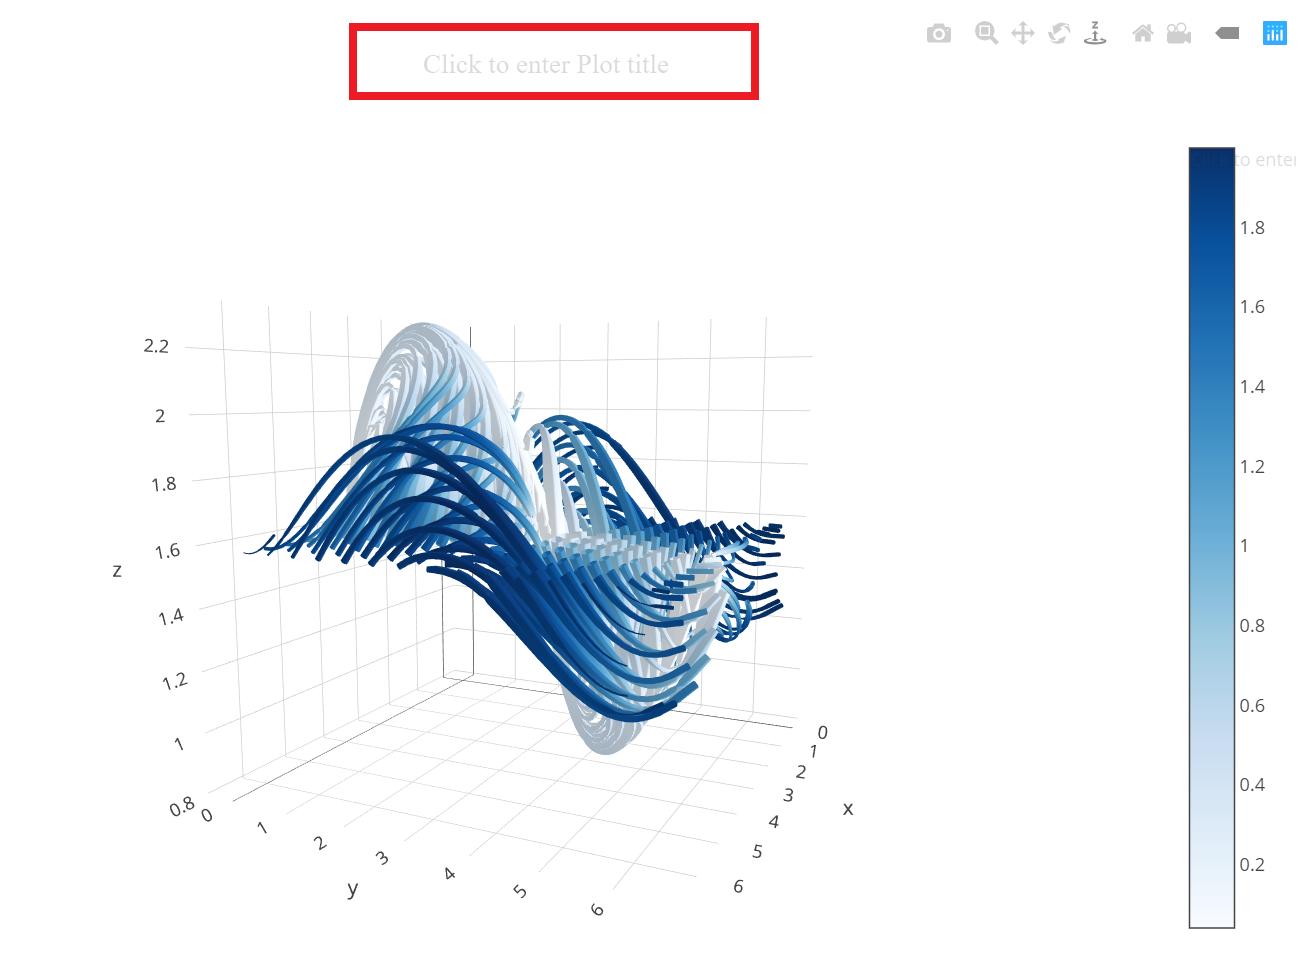 3D Streamtube Plots